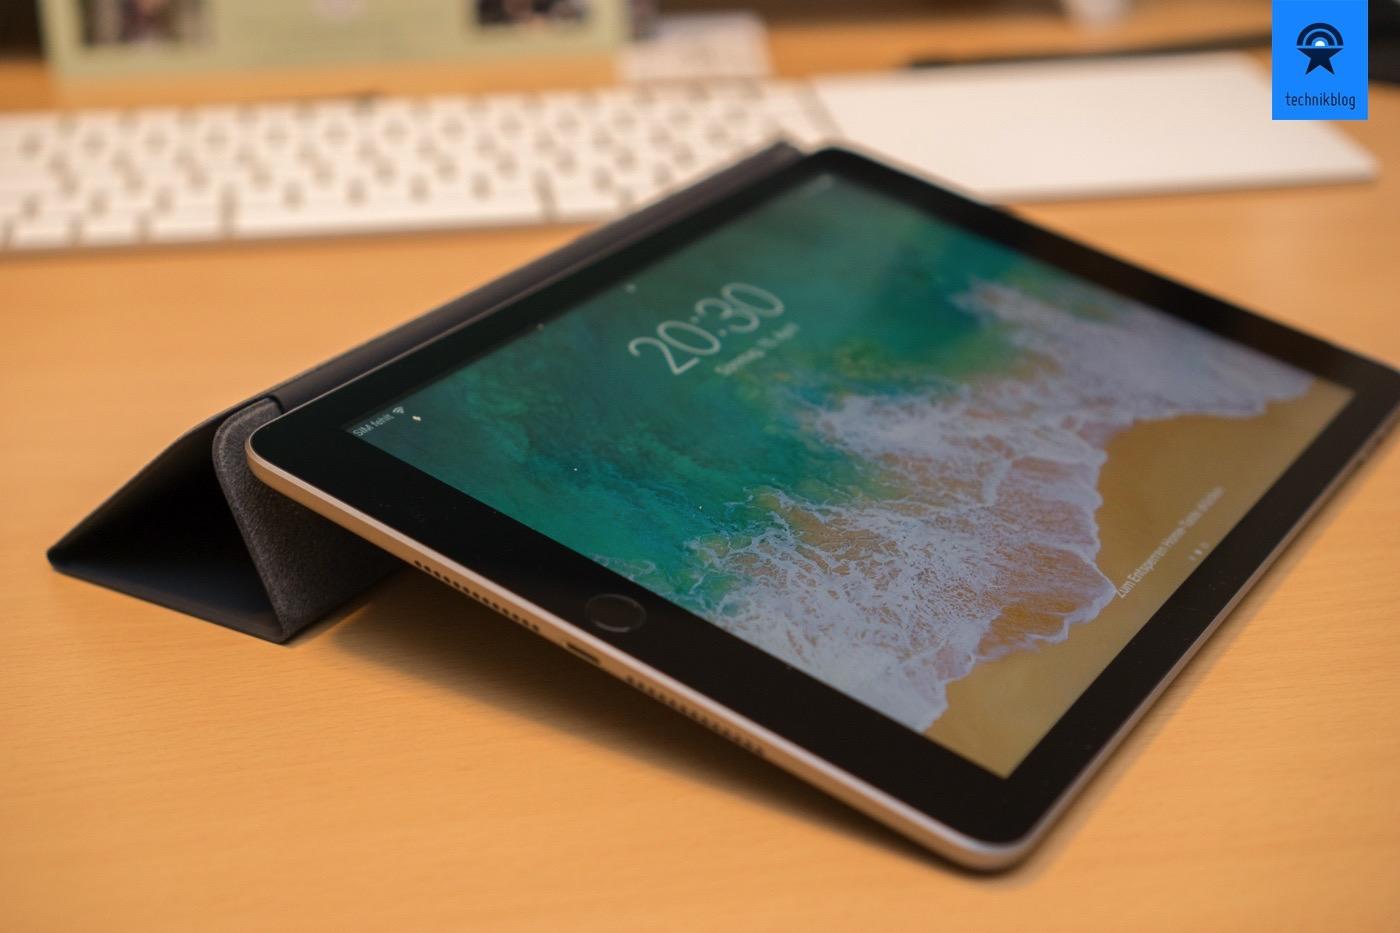 Ich nutze das iPad oft so mit dem Smart Cover